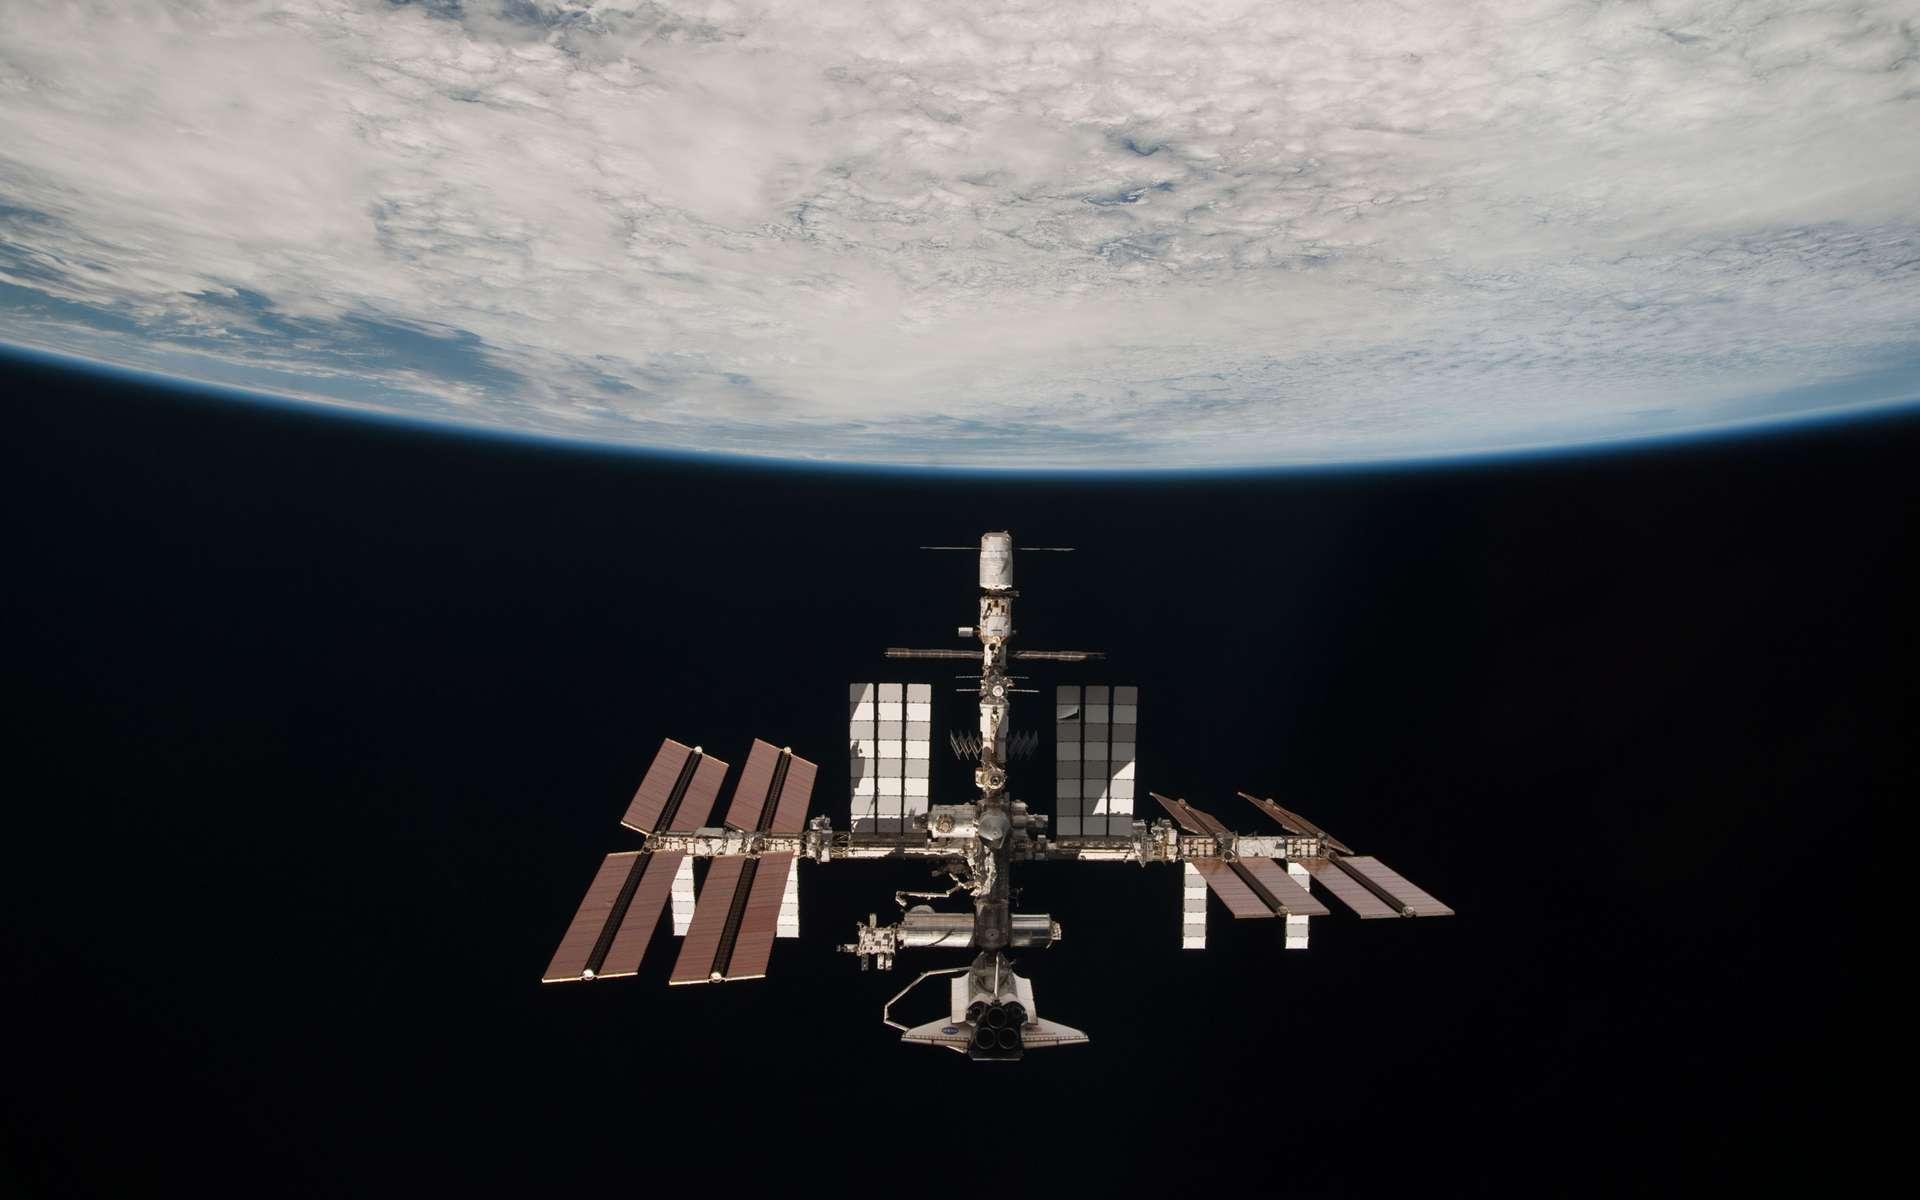 À partir de 2015, des missions d'au moins une année seront planifiées à bord de la Station. L'idée est de se préparer aux futures missions dans l'espace lointain en étudiant, entre autres, la façon dont le corps humain réagit à une longue exposition à la microgravité. © Nasa